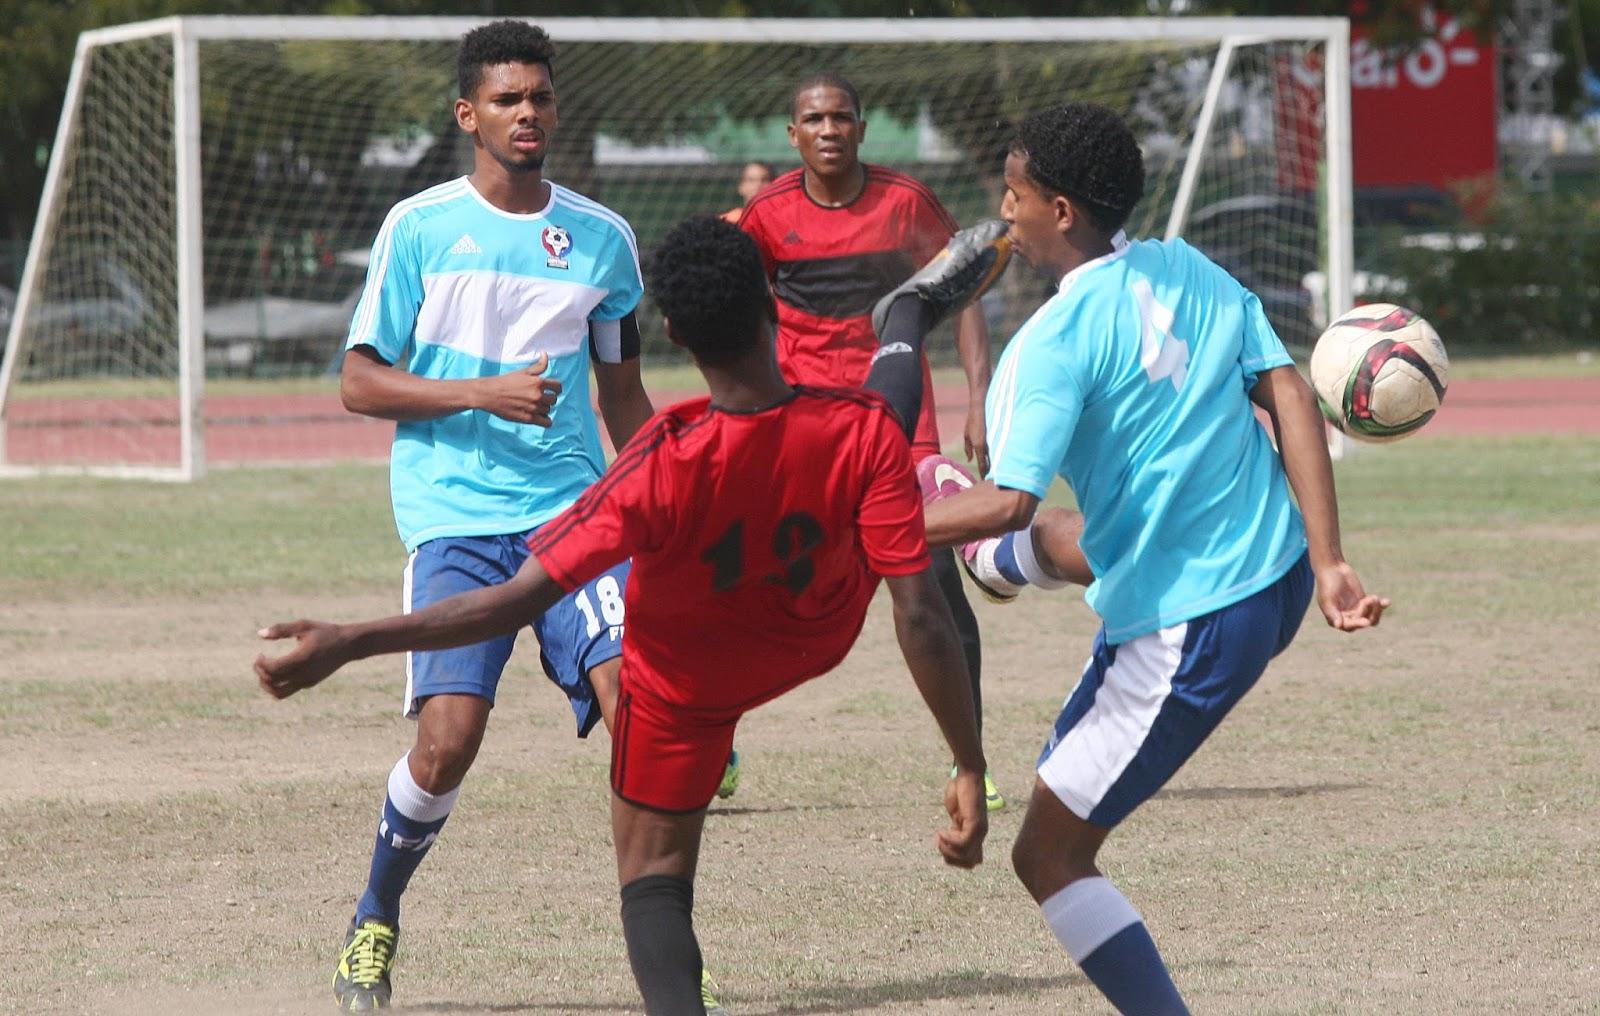 RD vs Haití este domingo en final de Copa Vimenca en Fútbol